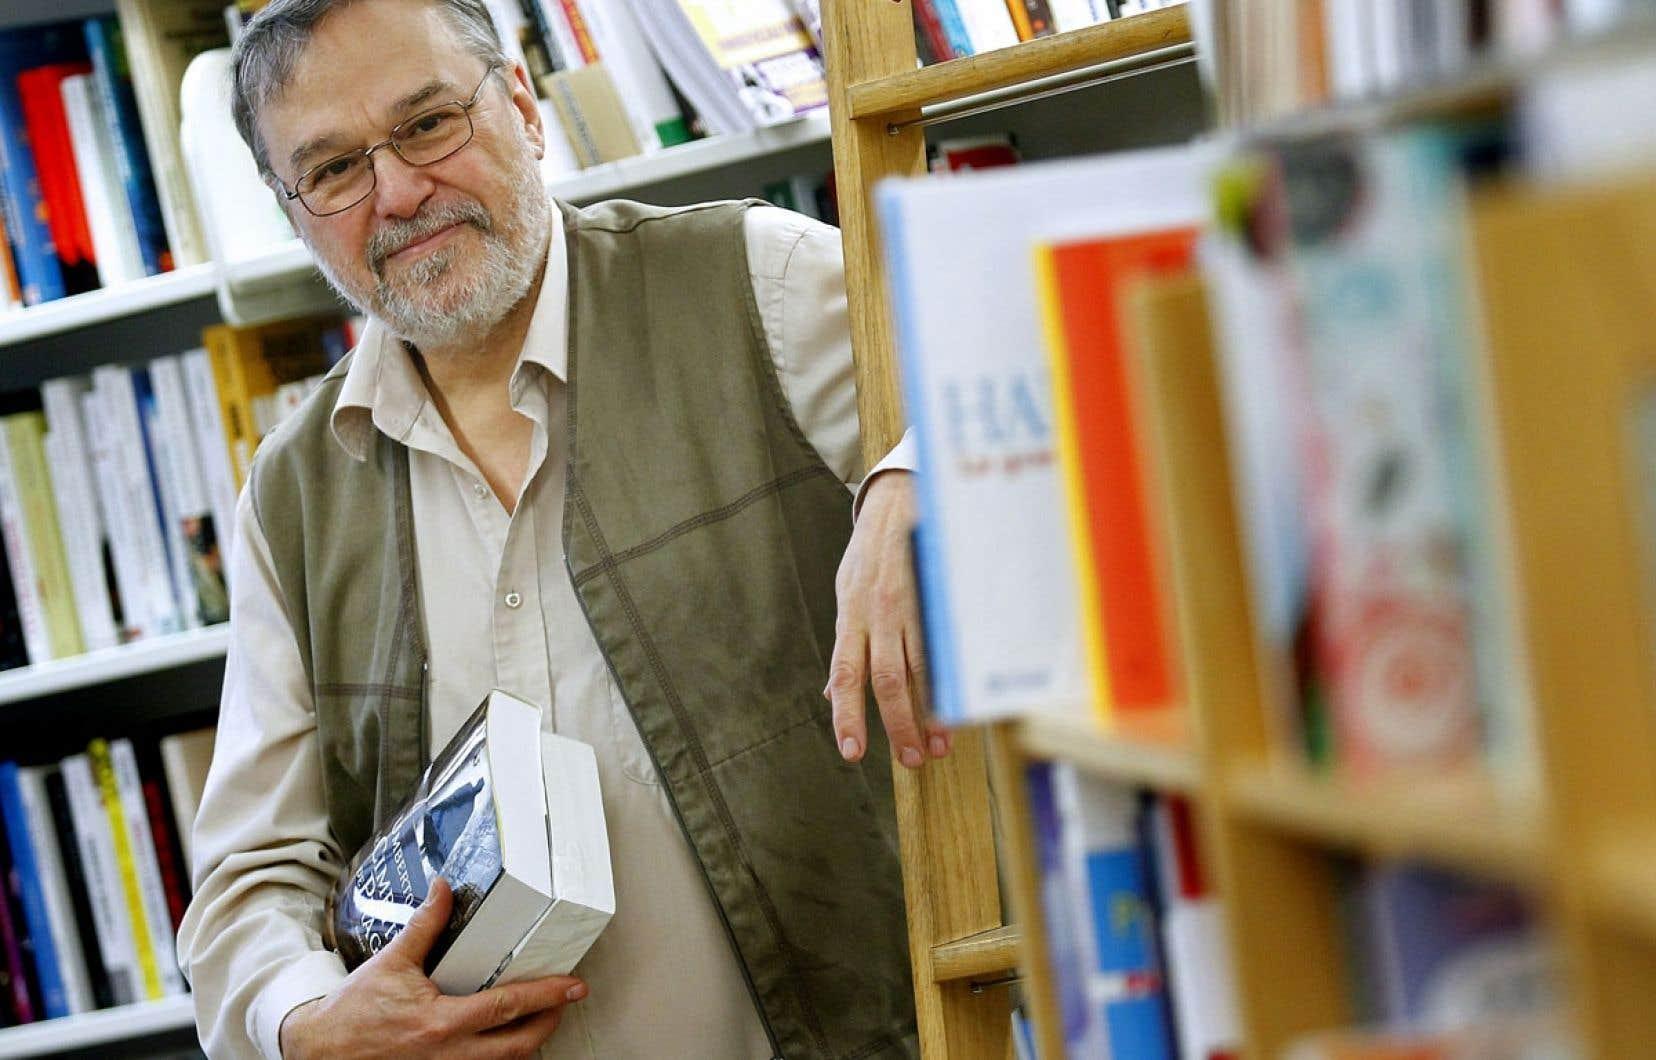 Denis LeBrun (notre photo) et Claire Taillon, les propriétaires de la librairie Pantoute, ont trouvé la formule qui leur permet aujourd'hui de passer le flambeau à leur personnel.